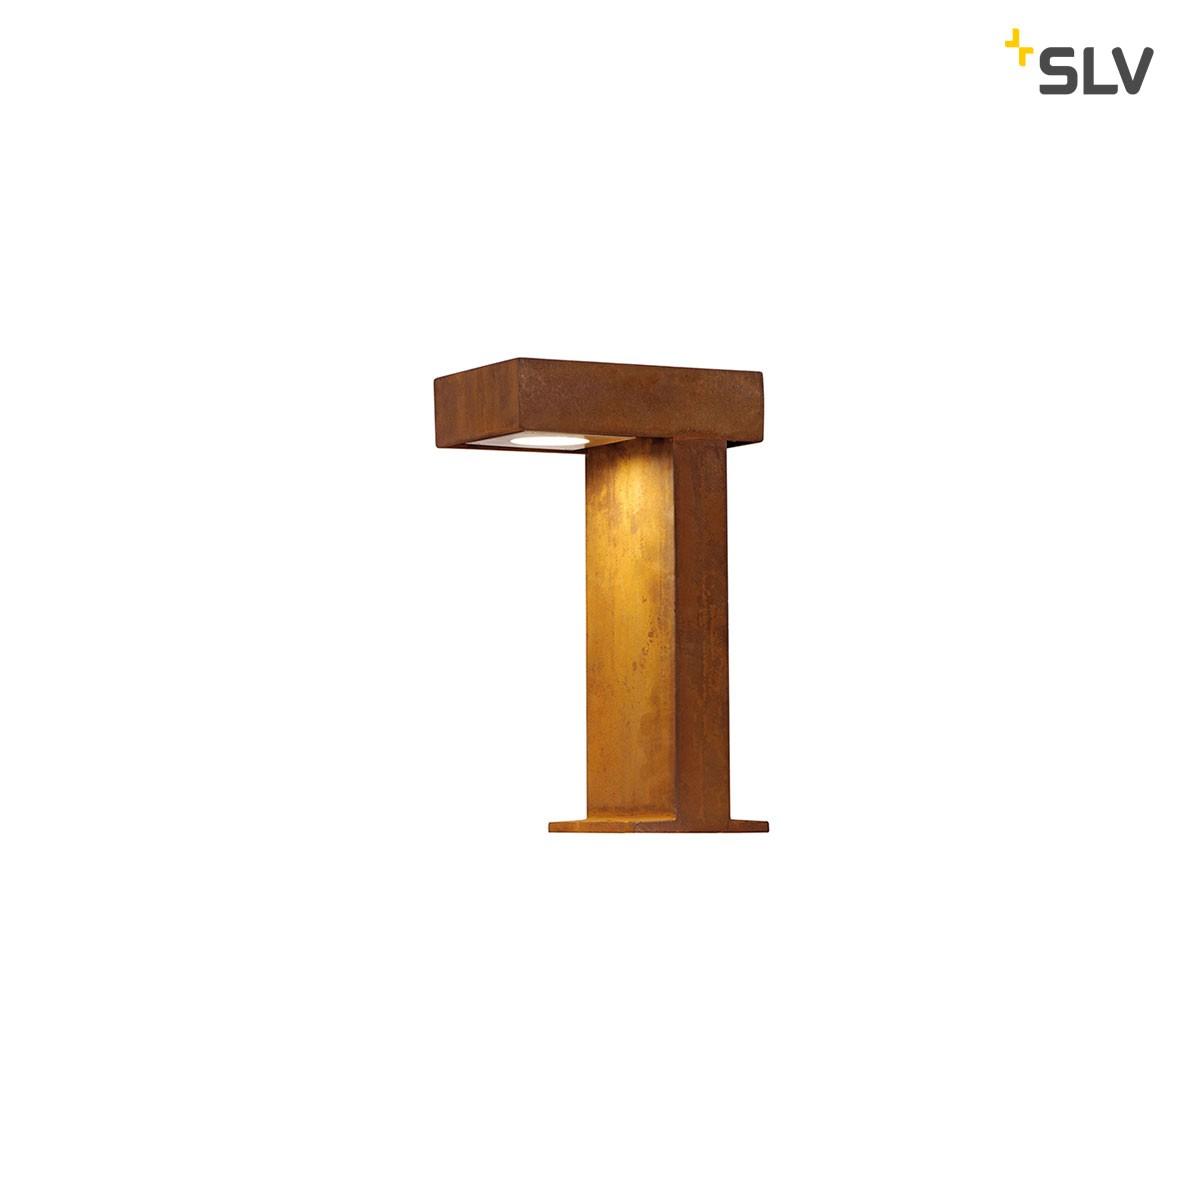 SLV Rusty Pathlight Außenstehleuchte, Eisen gerostet